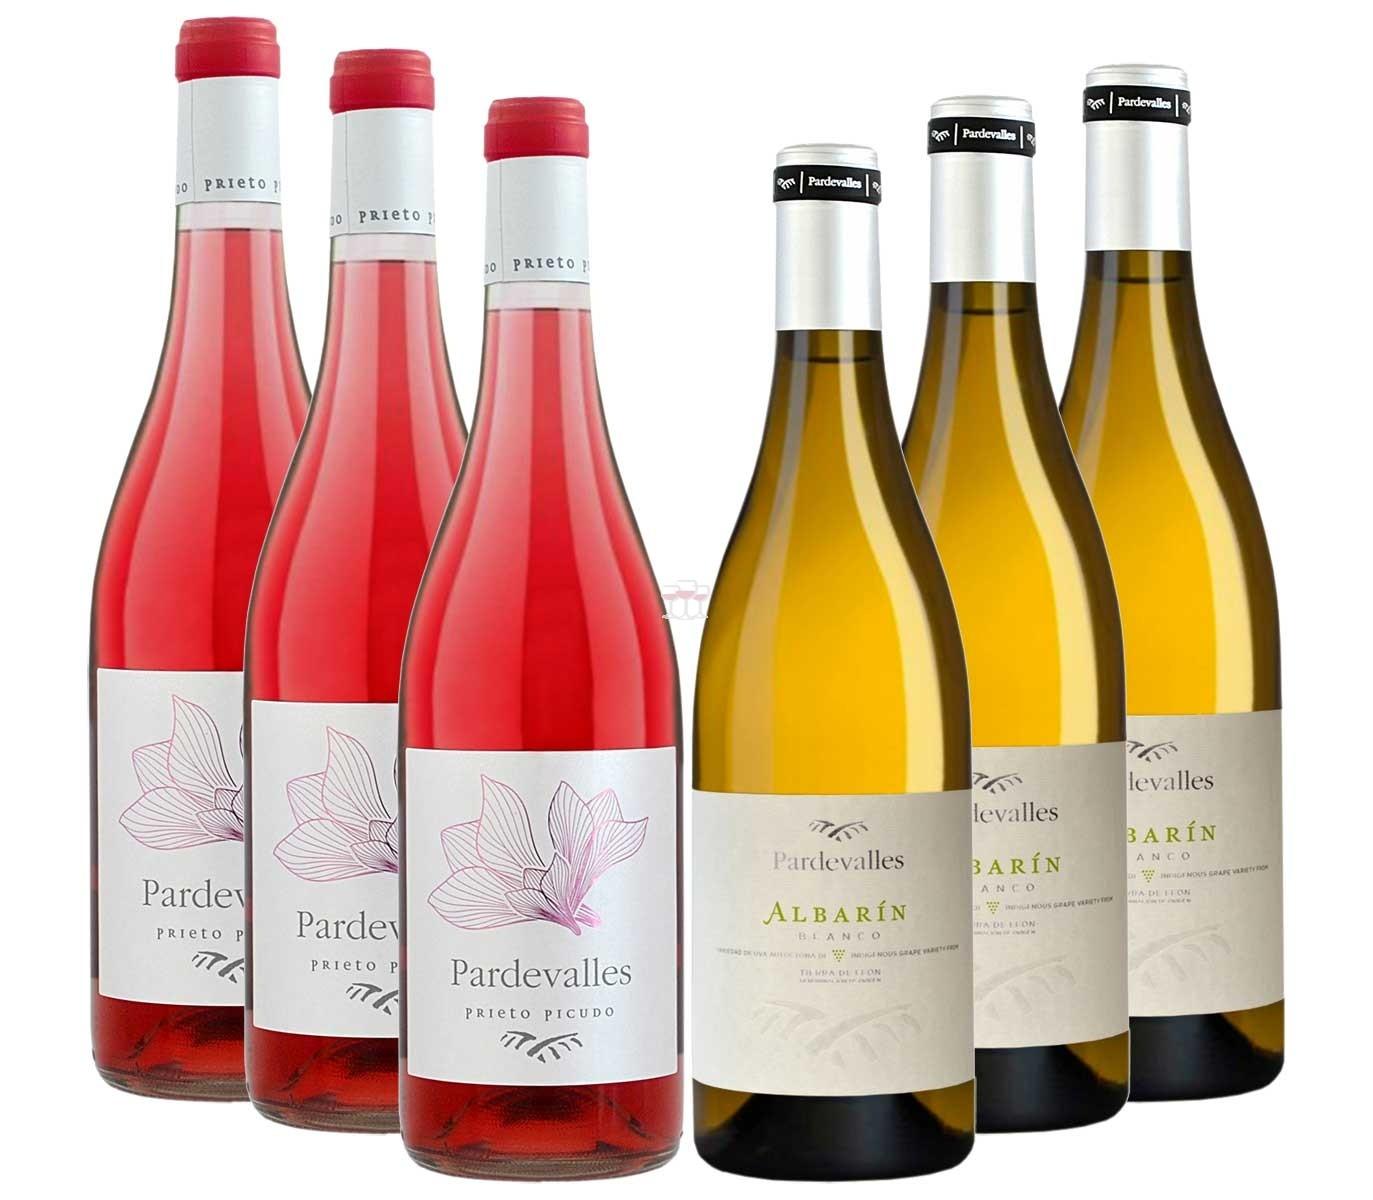 Bodegas Pardevalle Paket bestehend aus 3 Fl Albarin und 3 Fl. Prieto Picudo